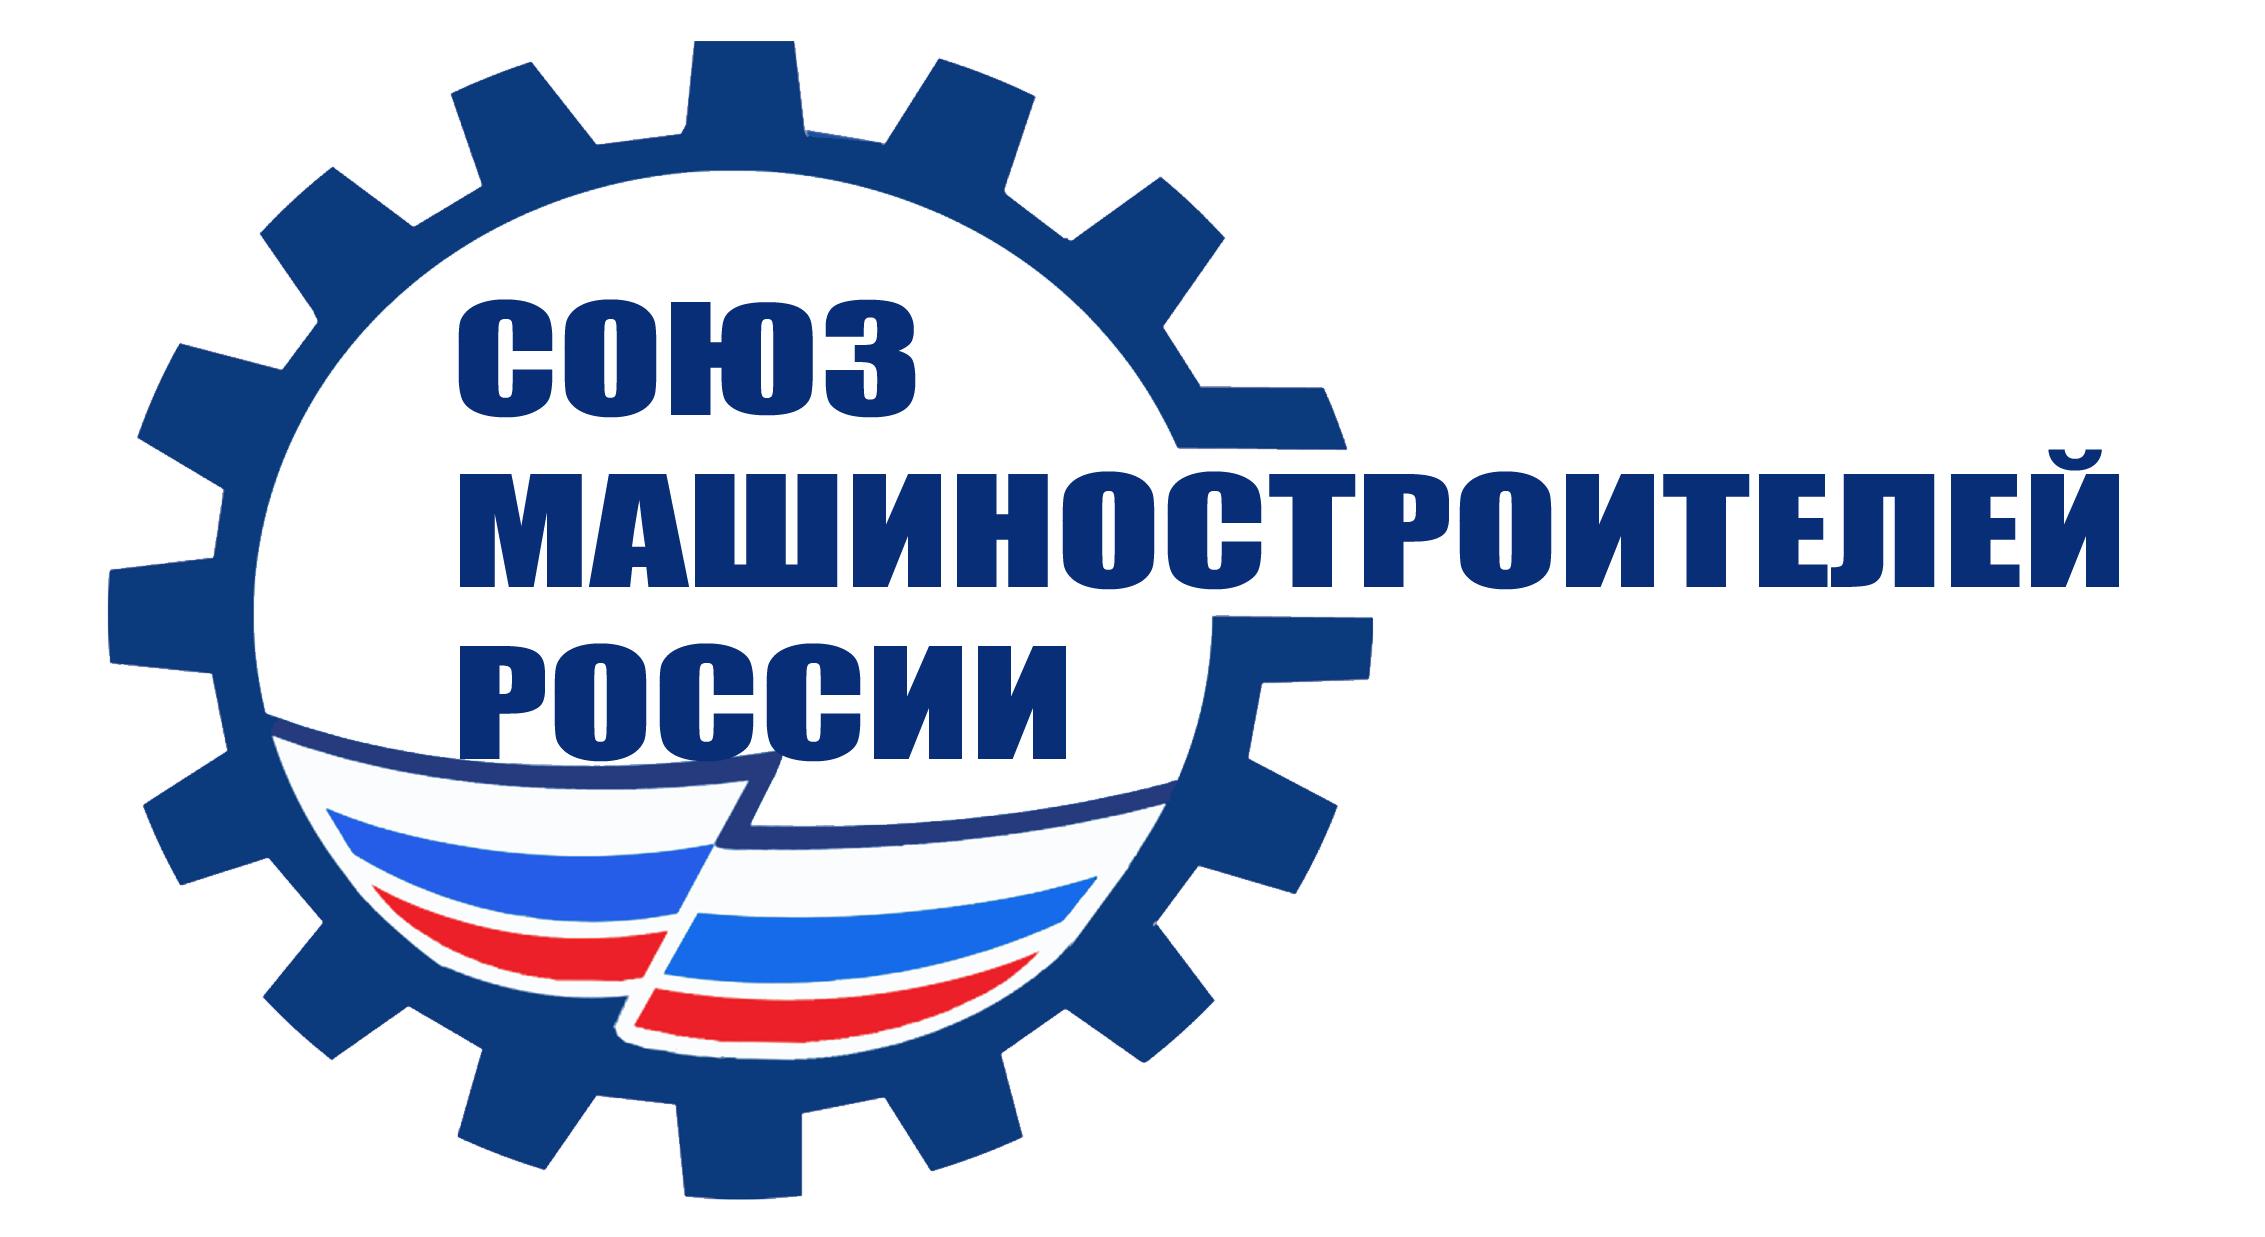 اتحادیه سازندگان ماشین